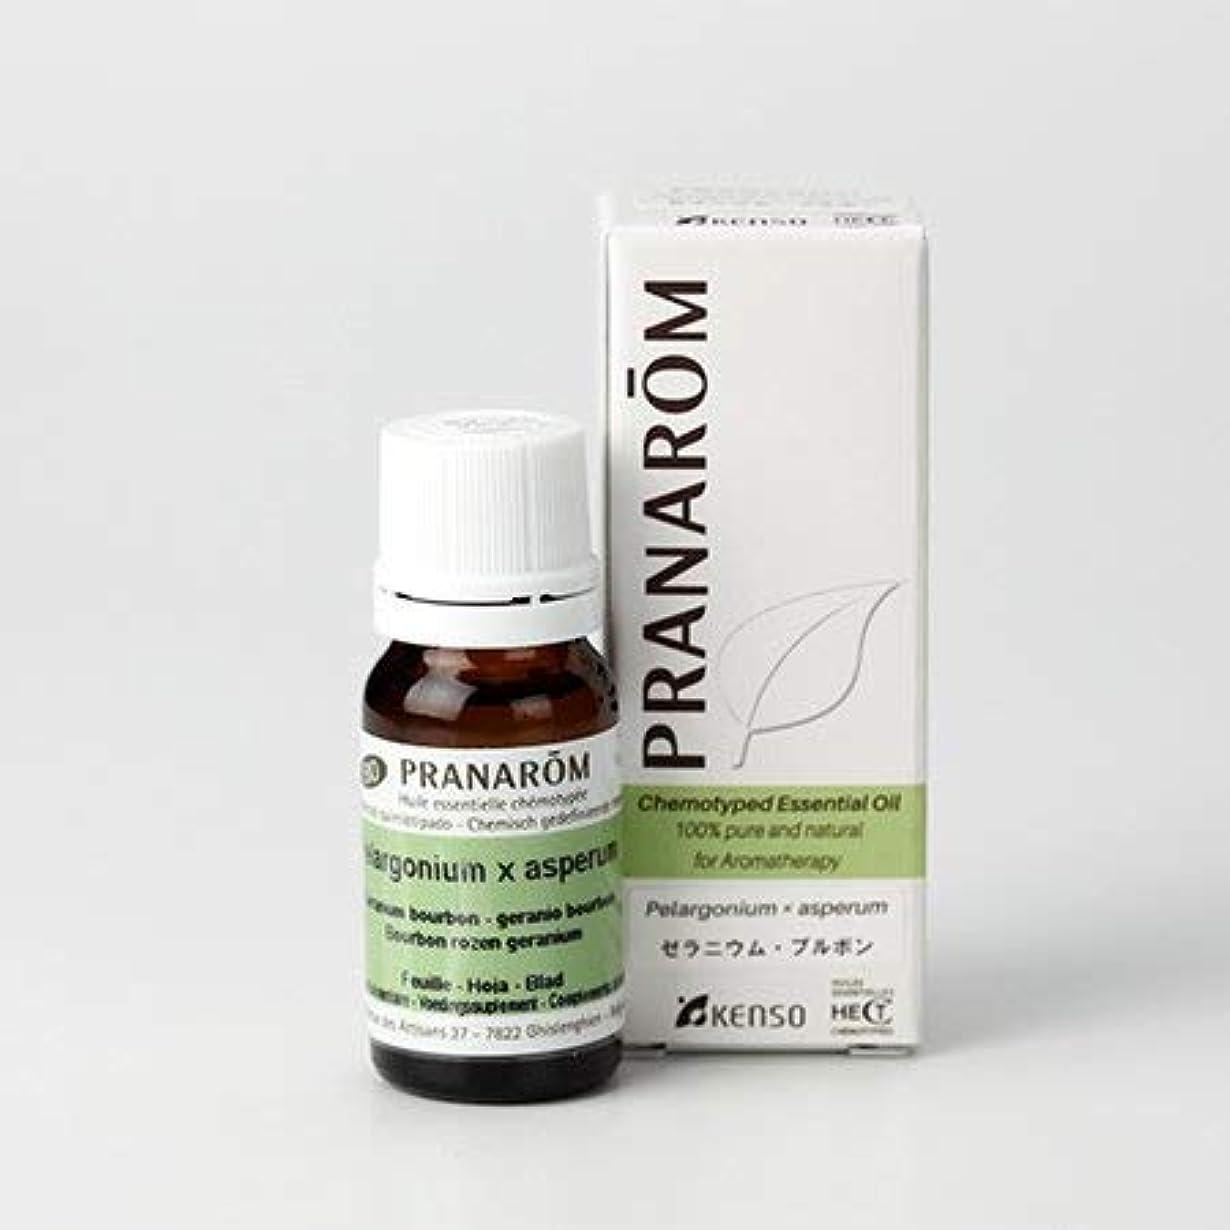 プラナロム ( PRANAROM ) 精油 ゼラニウム?ブルボン 10ml p-139 ゼラニウムブルボン